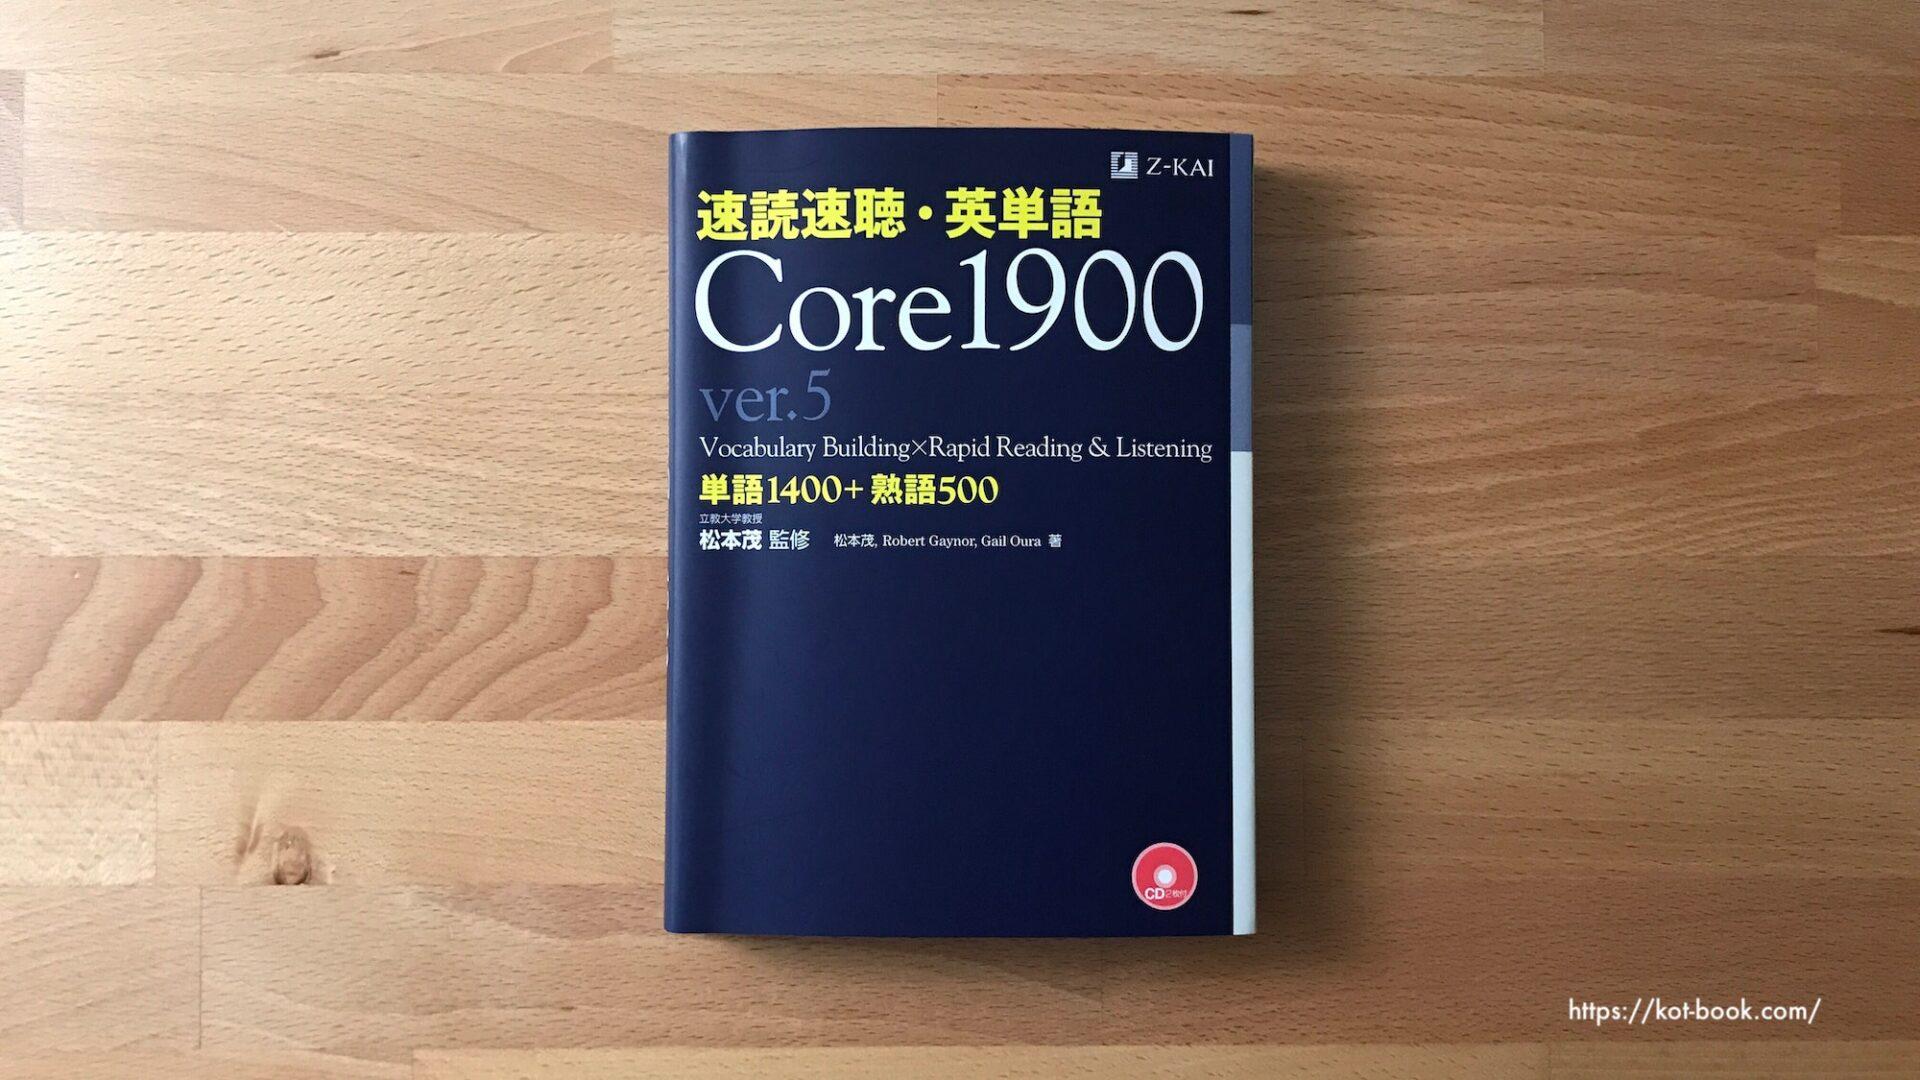 『速読速聴・英単語 Core 1900』を使った効果的な英語勉強法【音読&シャドーイング】